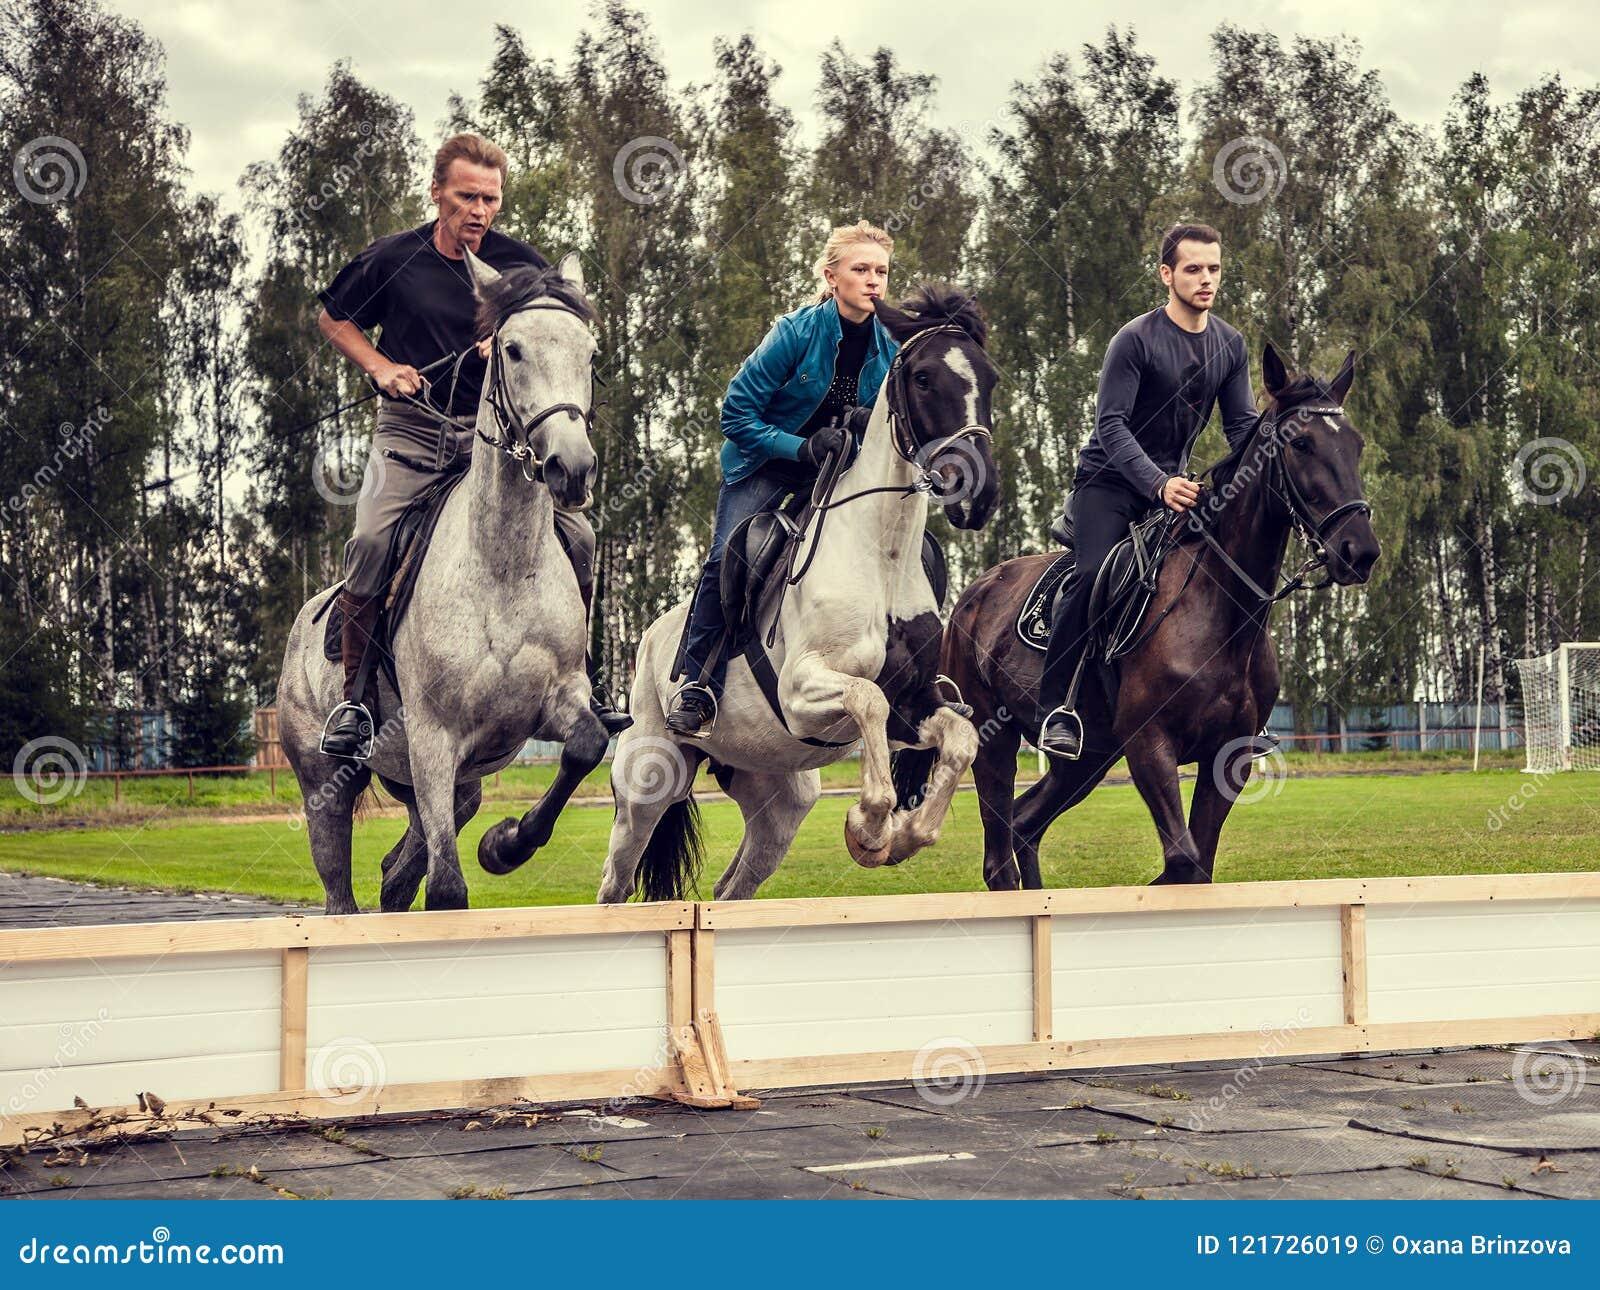 23 08 2017年斯摩棱斯克跳跃在节日的地区展示 同步在马背上跳过障碍的三个车手